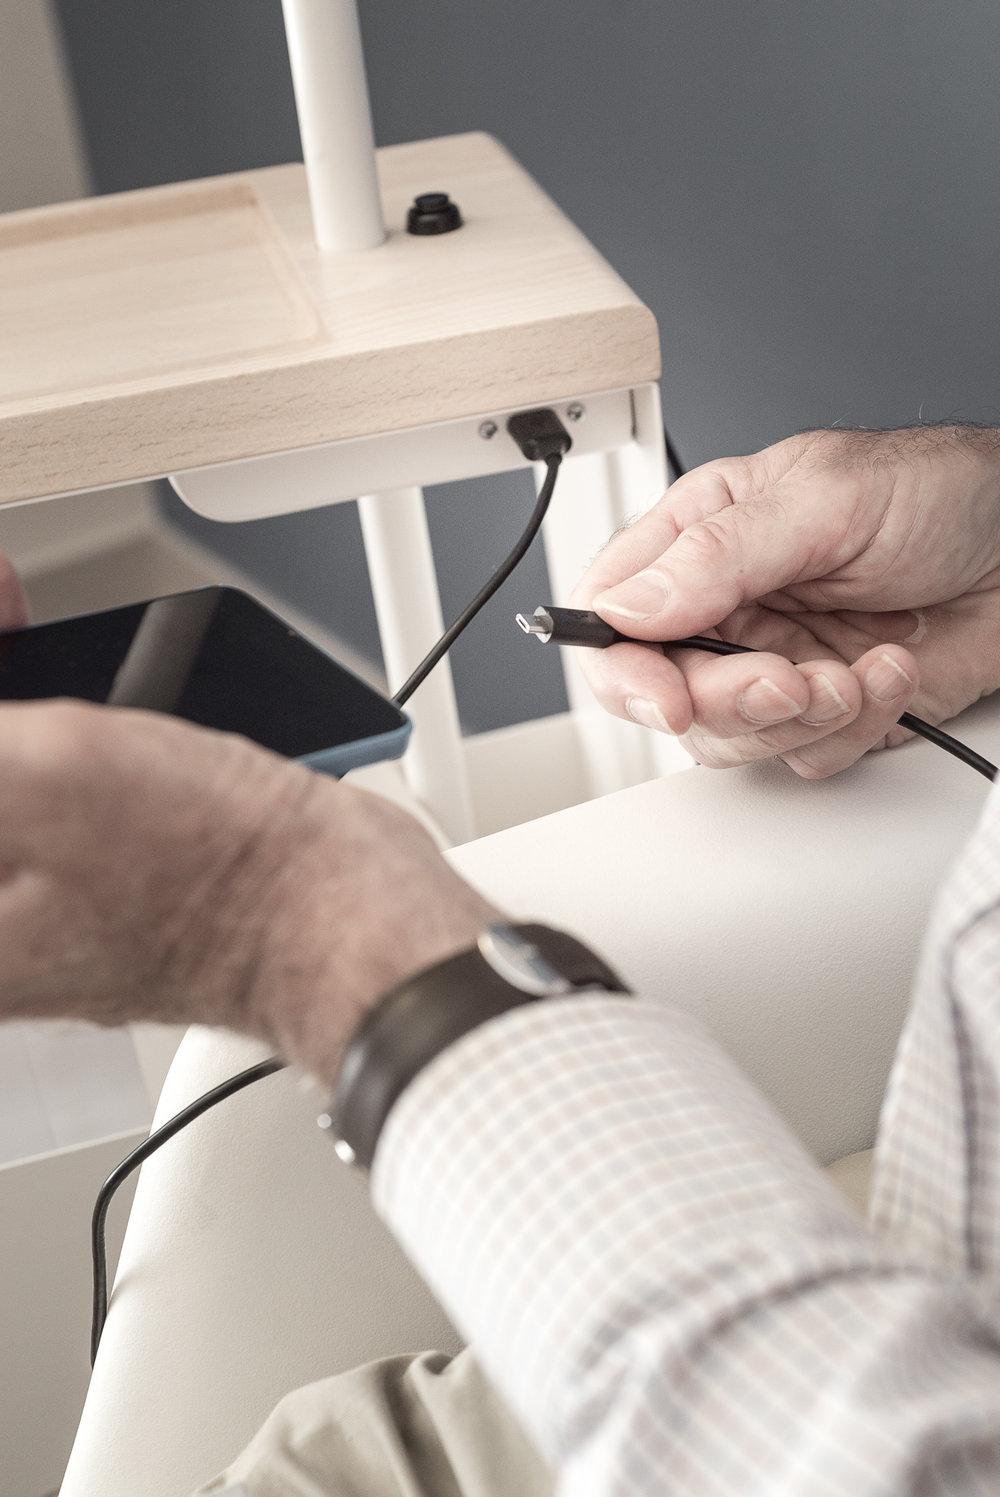 Rester en contact - Prise USB pour recharger les téléphones, tablettes ou autres appareils.